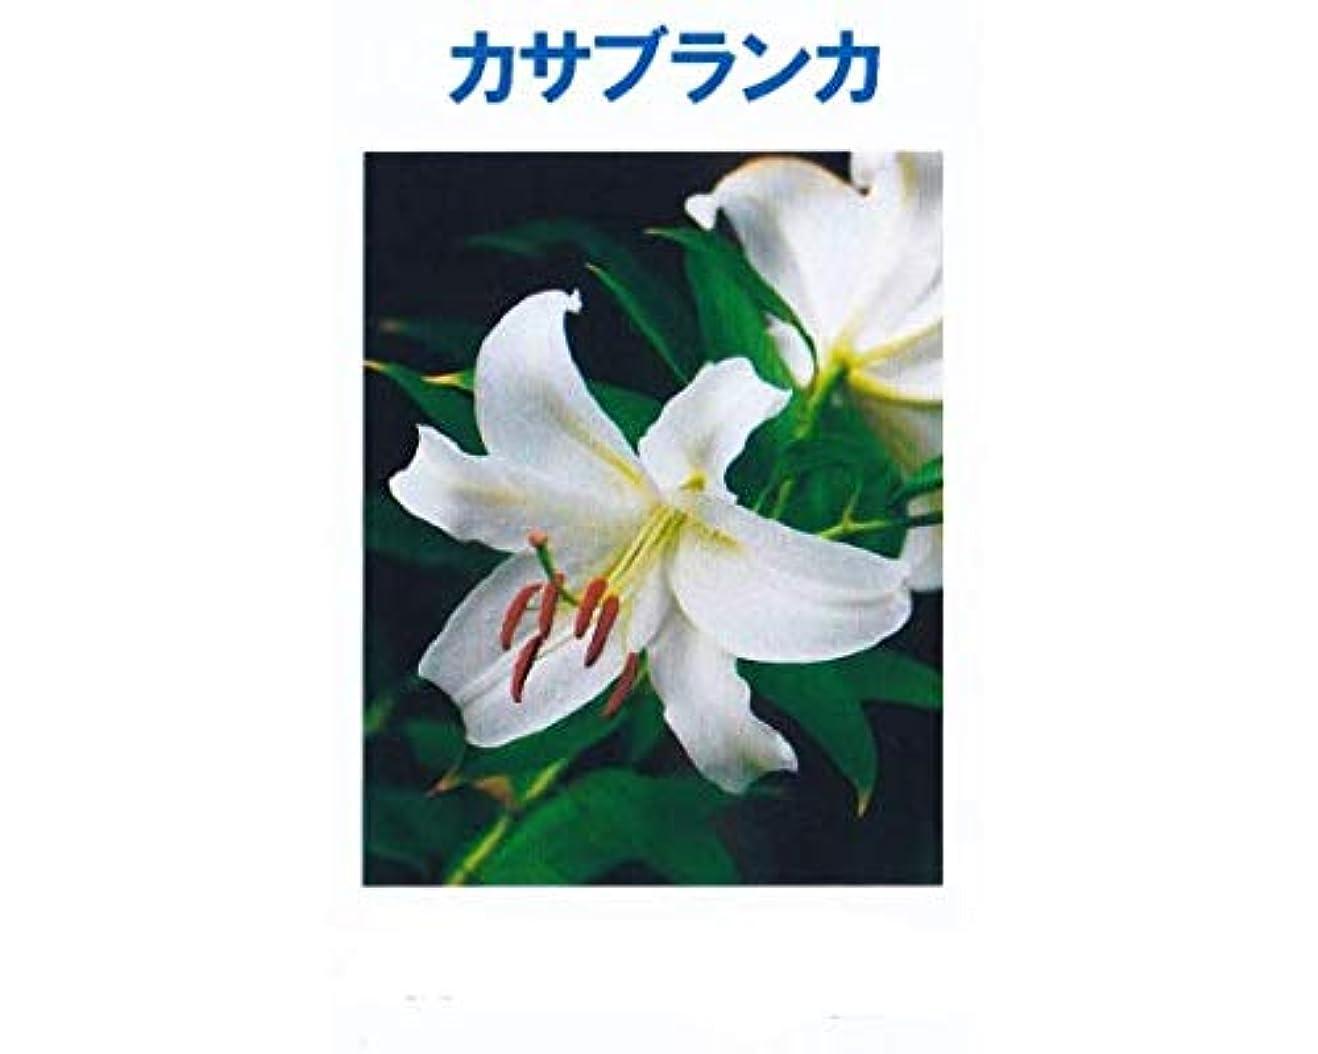 美しいドメインセブンアロマオイル カサブランカ 5ml エッセンシャルオイル 100%天然成分